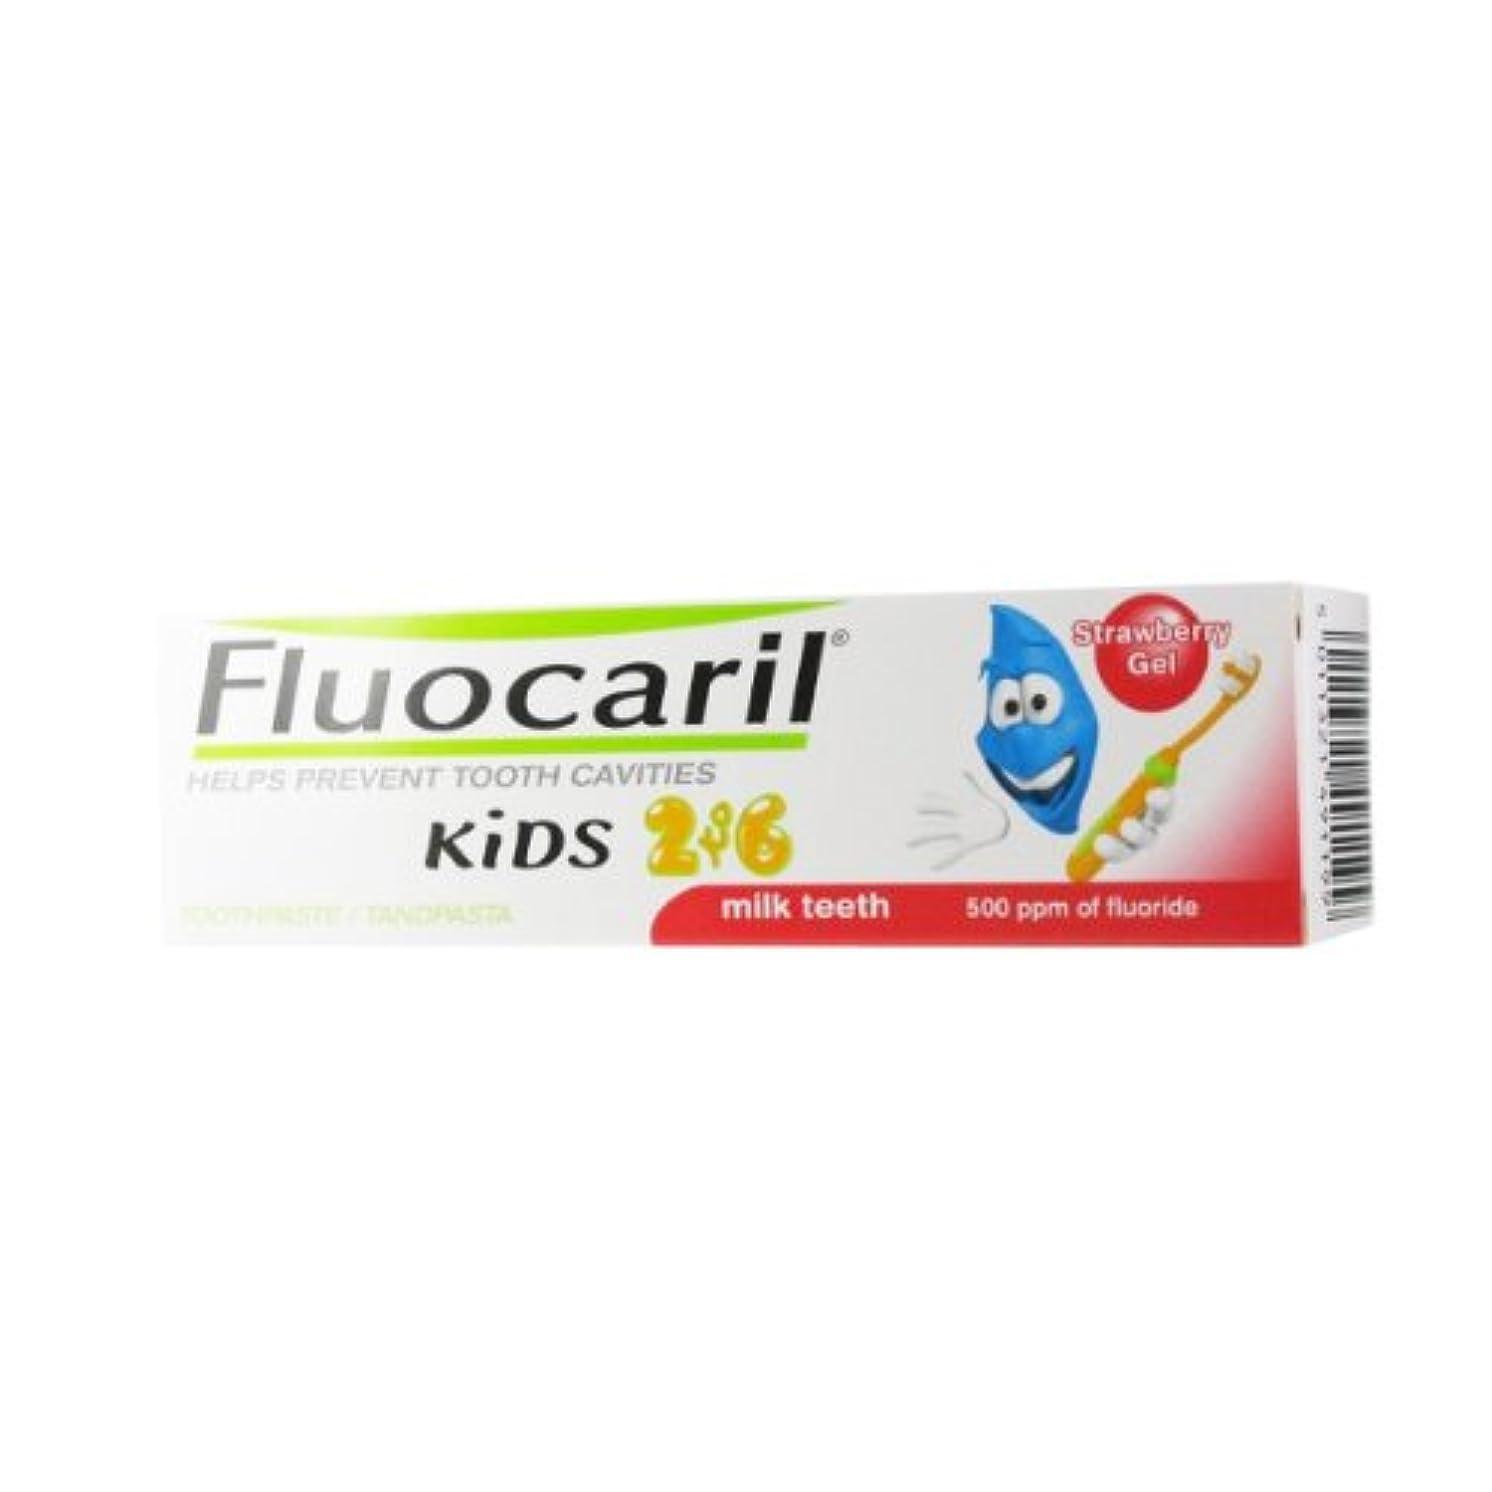 過敏なびっくりした資本主義Fluocaril Kids 2 To 6 Strawberry Gel 50ml [並行輸入品]